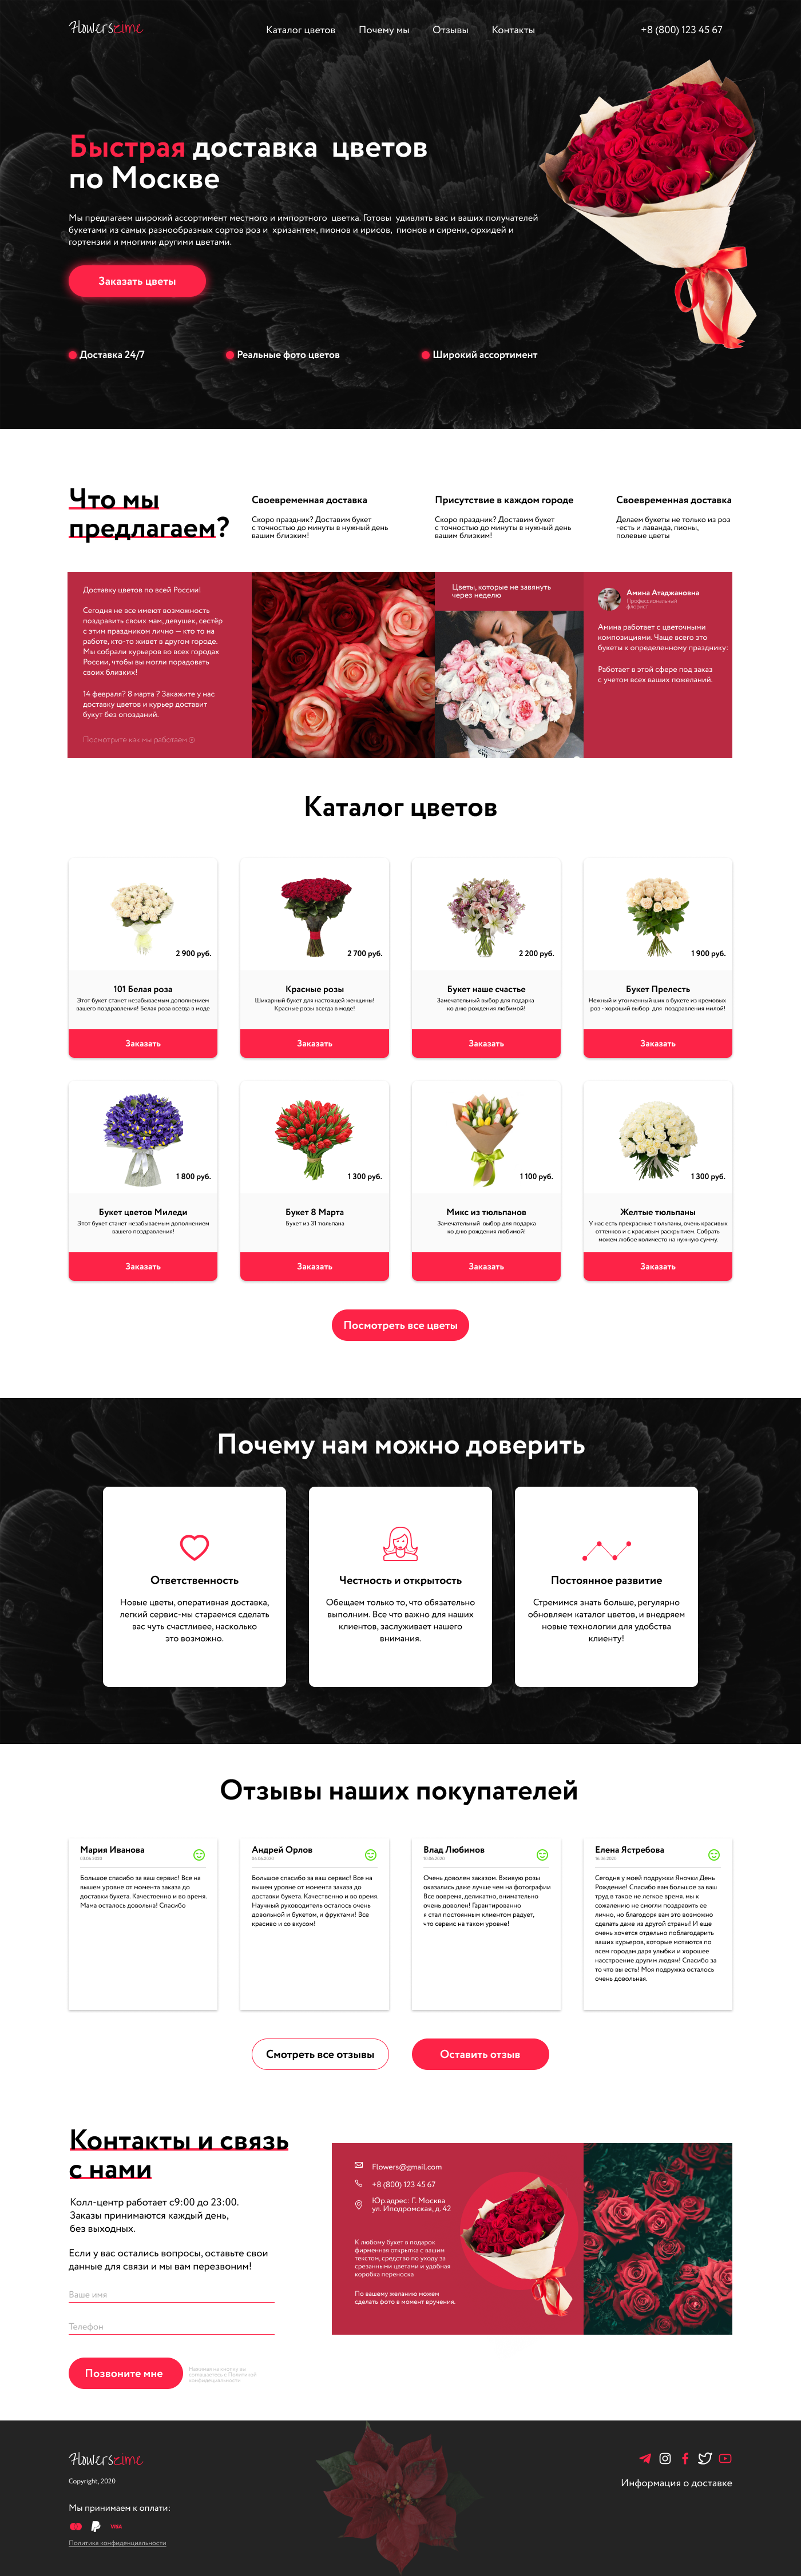 Flowerszime